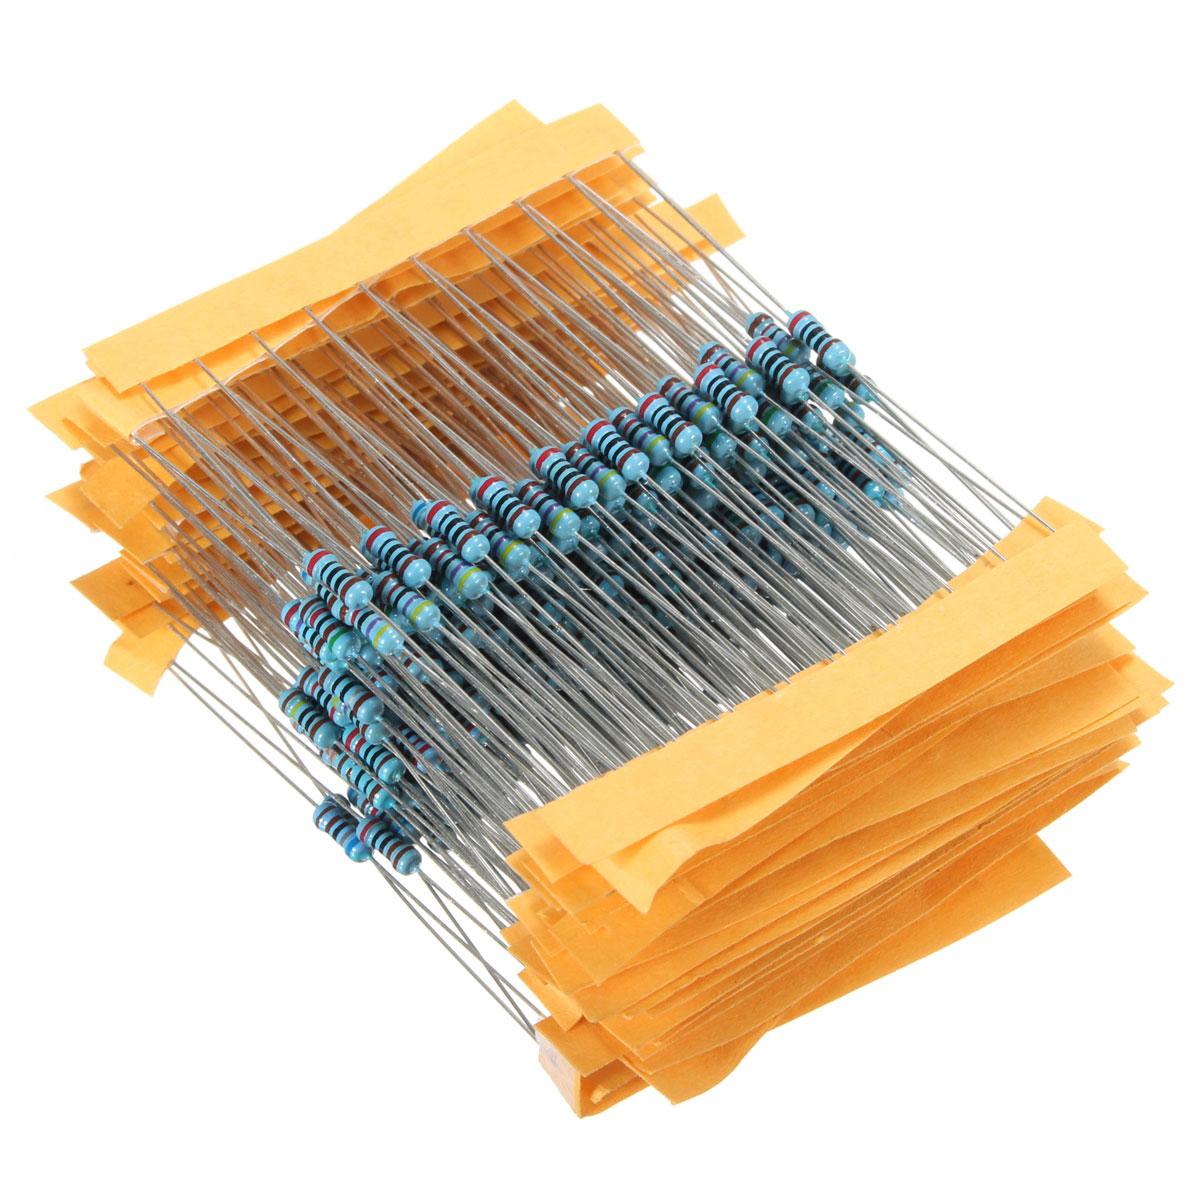 Resistores de Metal Jogo de Chip Filme Metálico Novo Faça Você Mesmo Led Excelente Professiona Pacotes 10 Cada 30 Valores 1 – 4w Kit 1% Jogo 300pcs